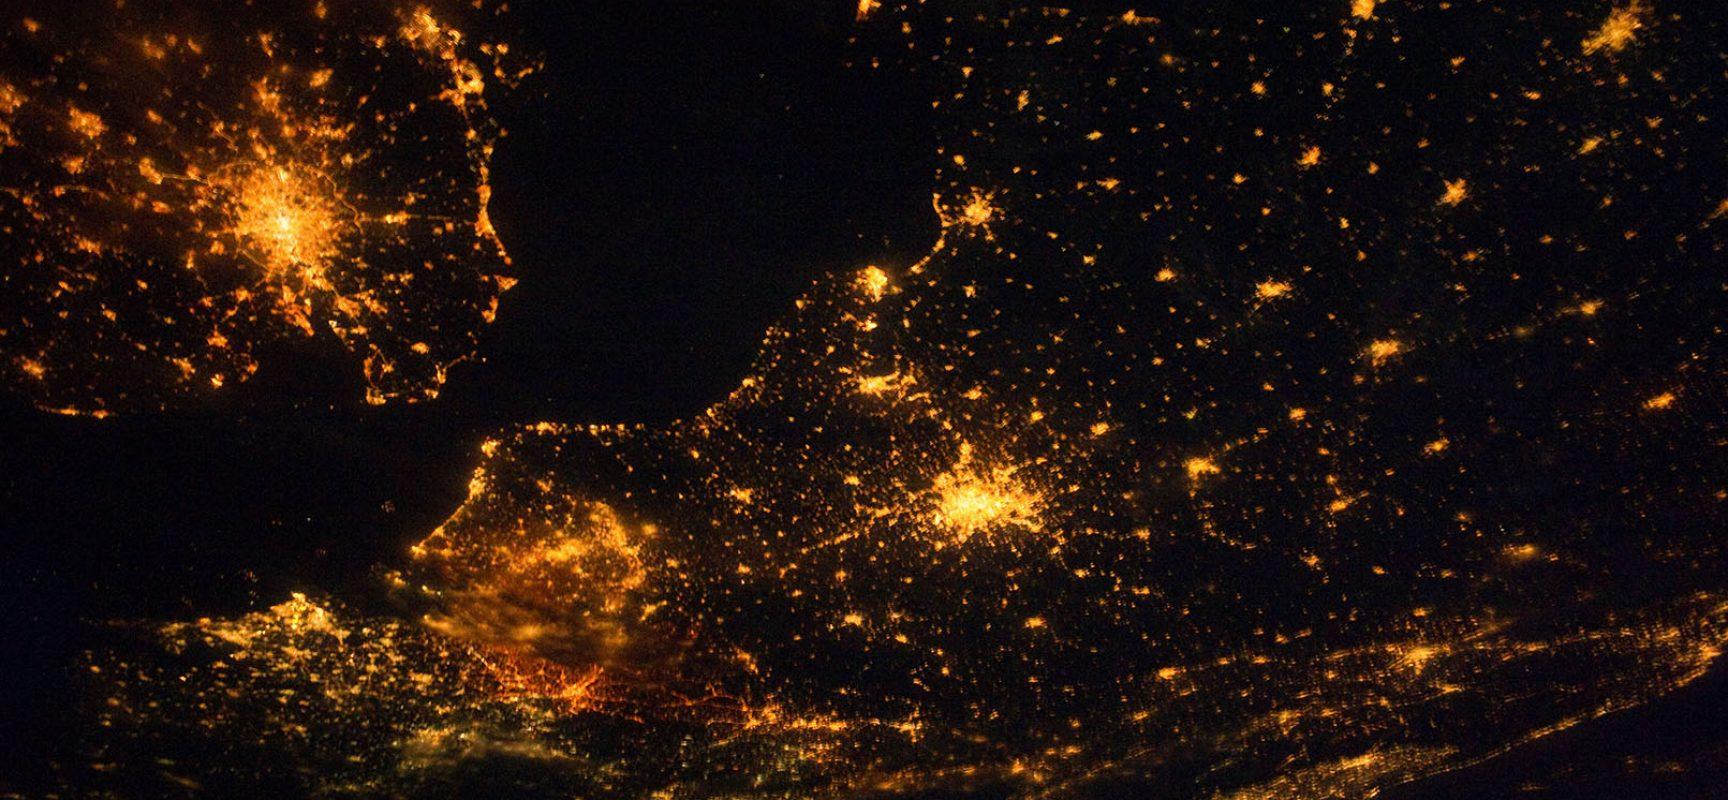 Photo by NASA, CC-0